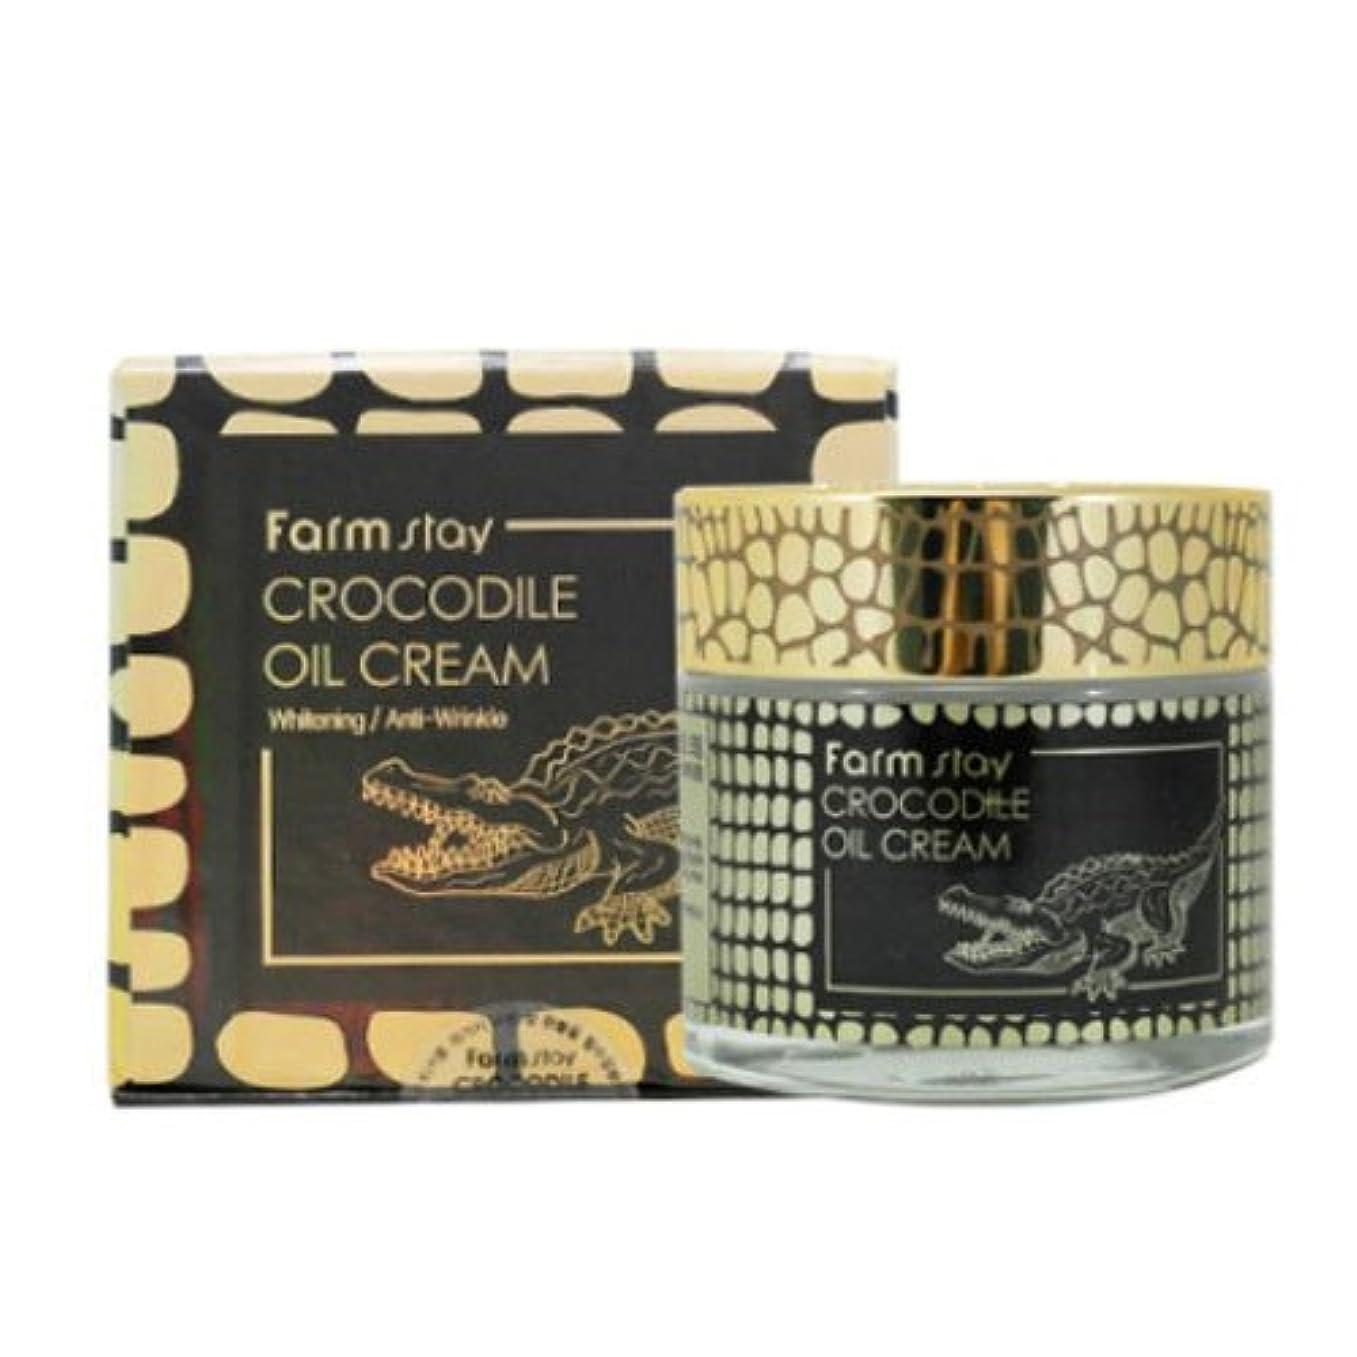 作り抹消タウポ湖ファームステイ[韓国コスメFarm Stay]Crocodile Oil Cream ワニオイルクリーム70g しわ管理 美白[並行輸入品]